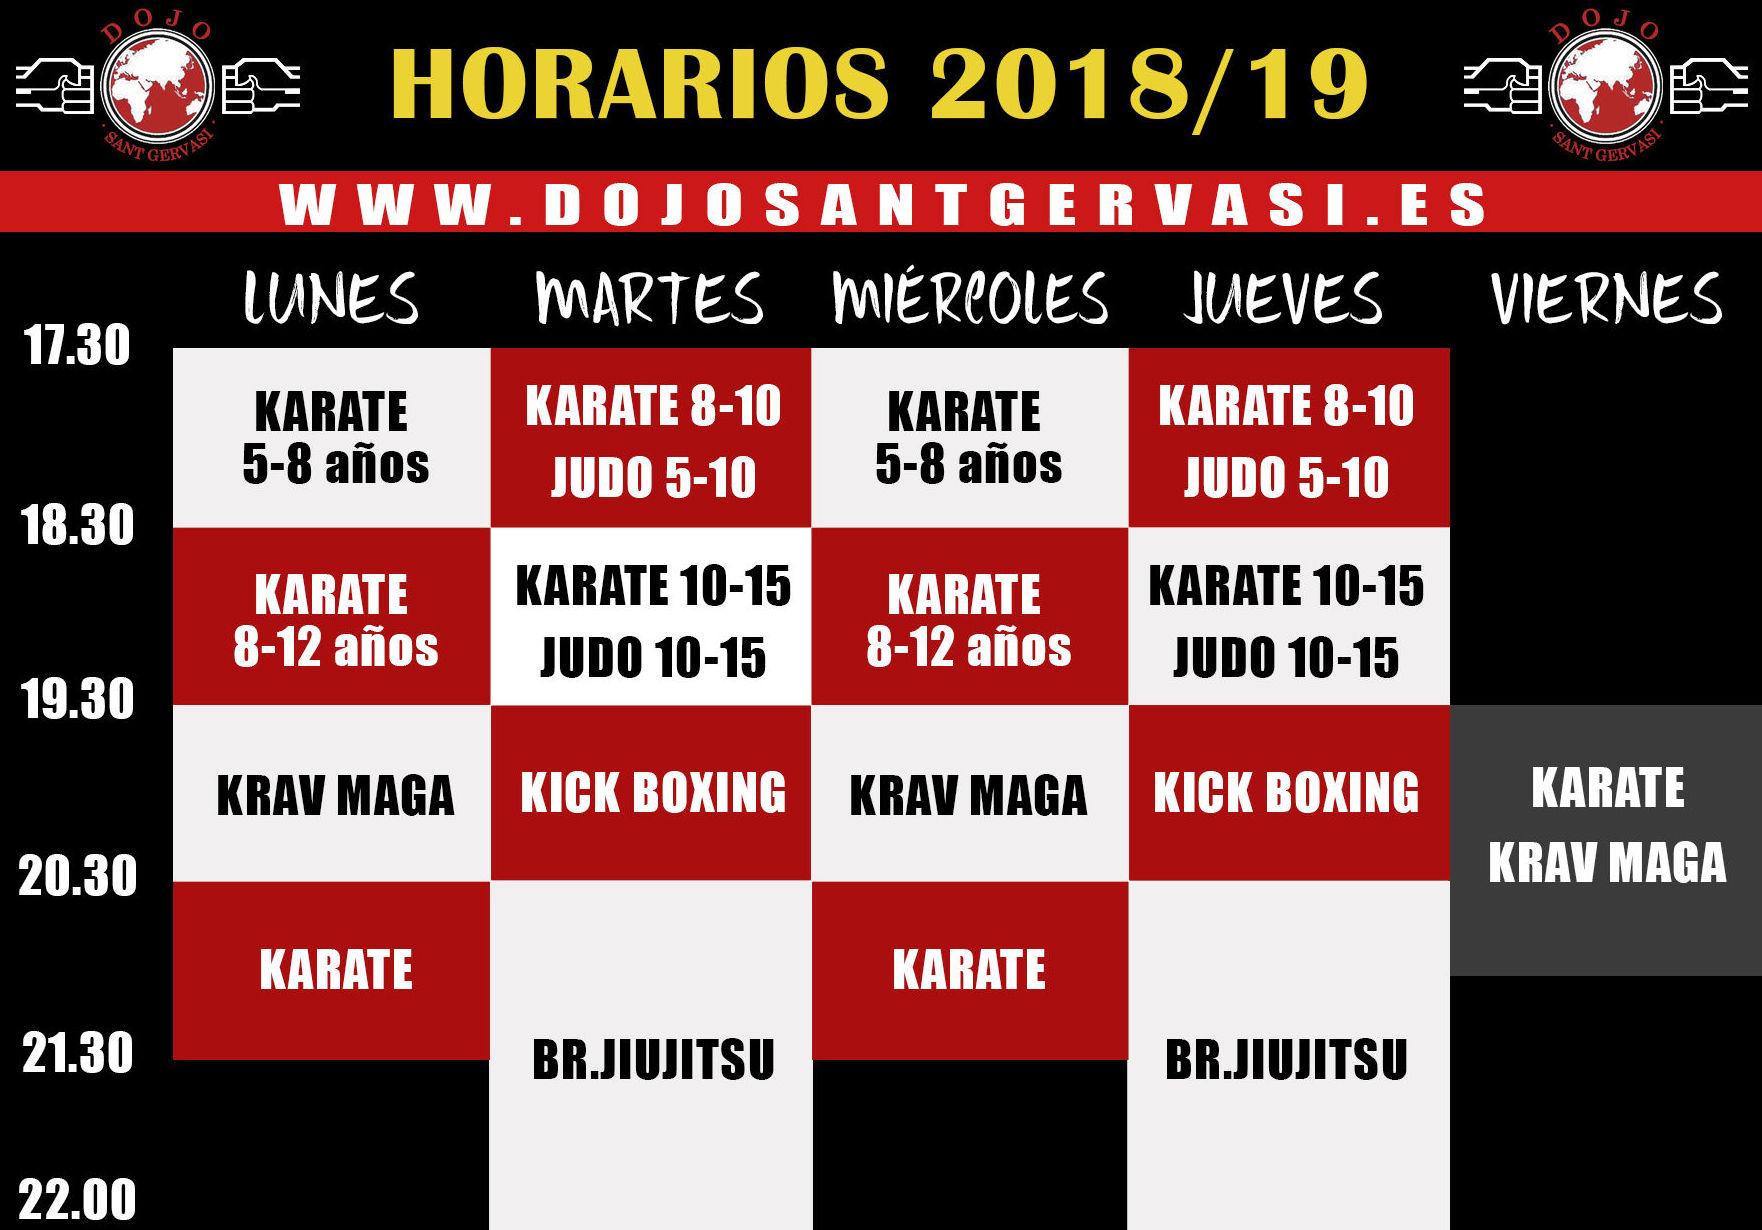 Horarios artes marciales 2018-2019 Dojo Sant Gervasi